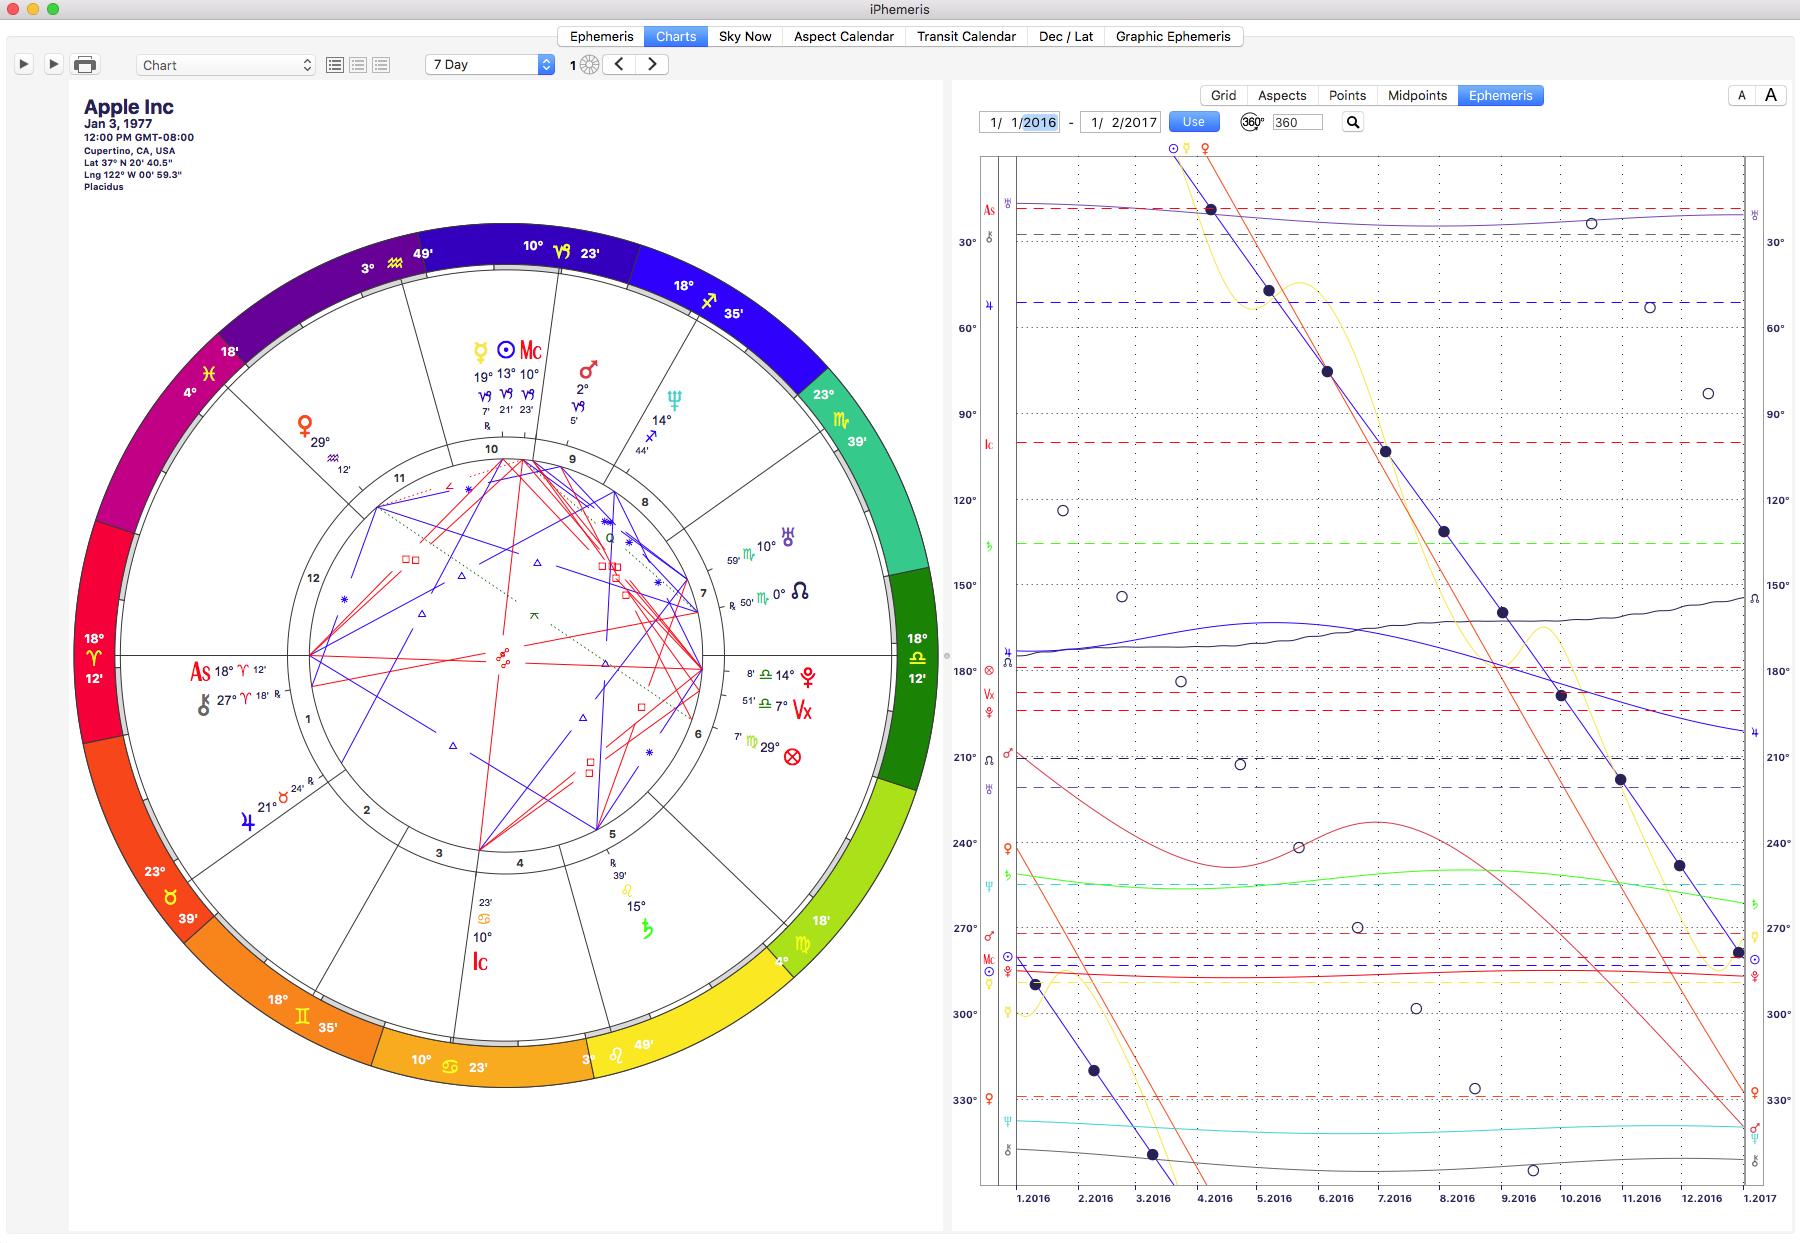 Graphic Ephemeris - Chart overlay